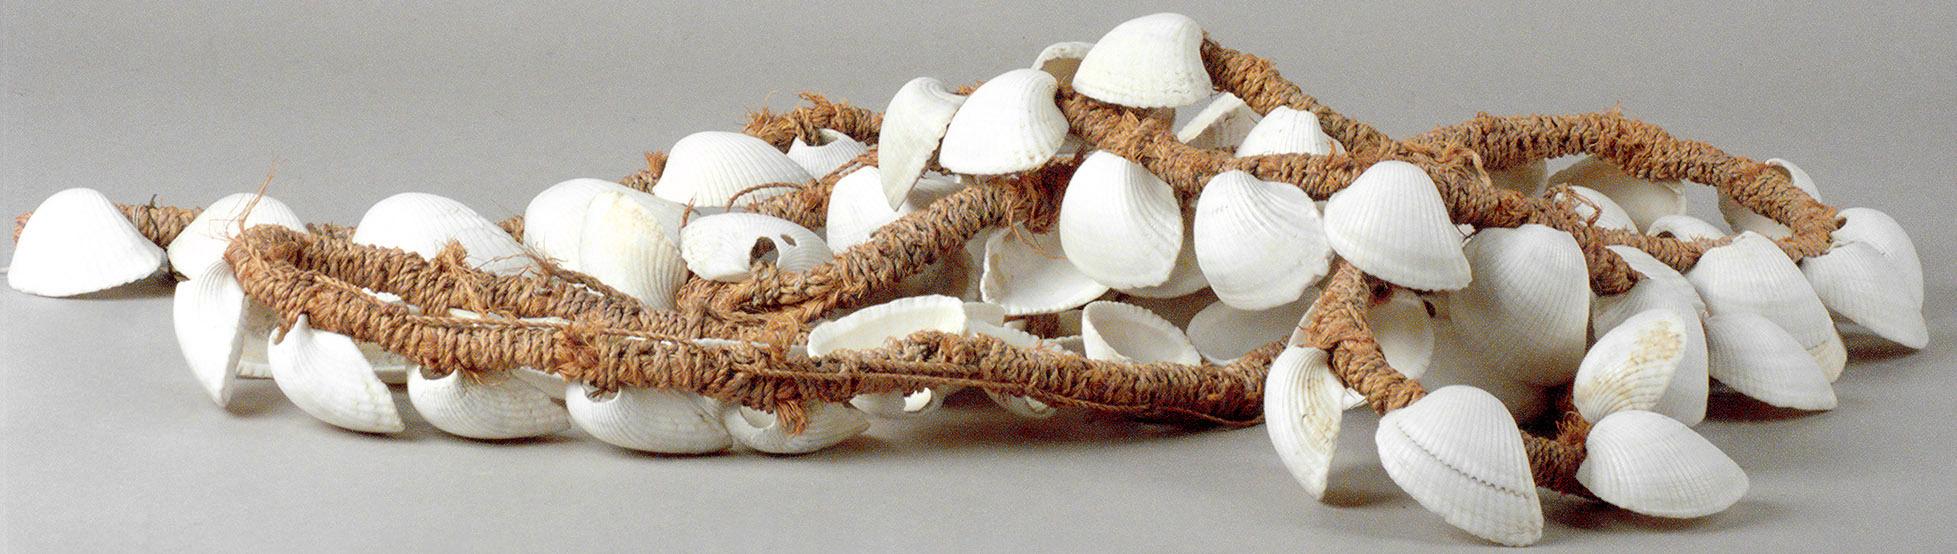 Netzsenker  mit Muschelschalen